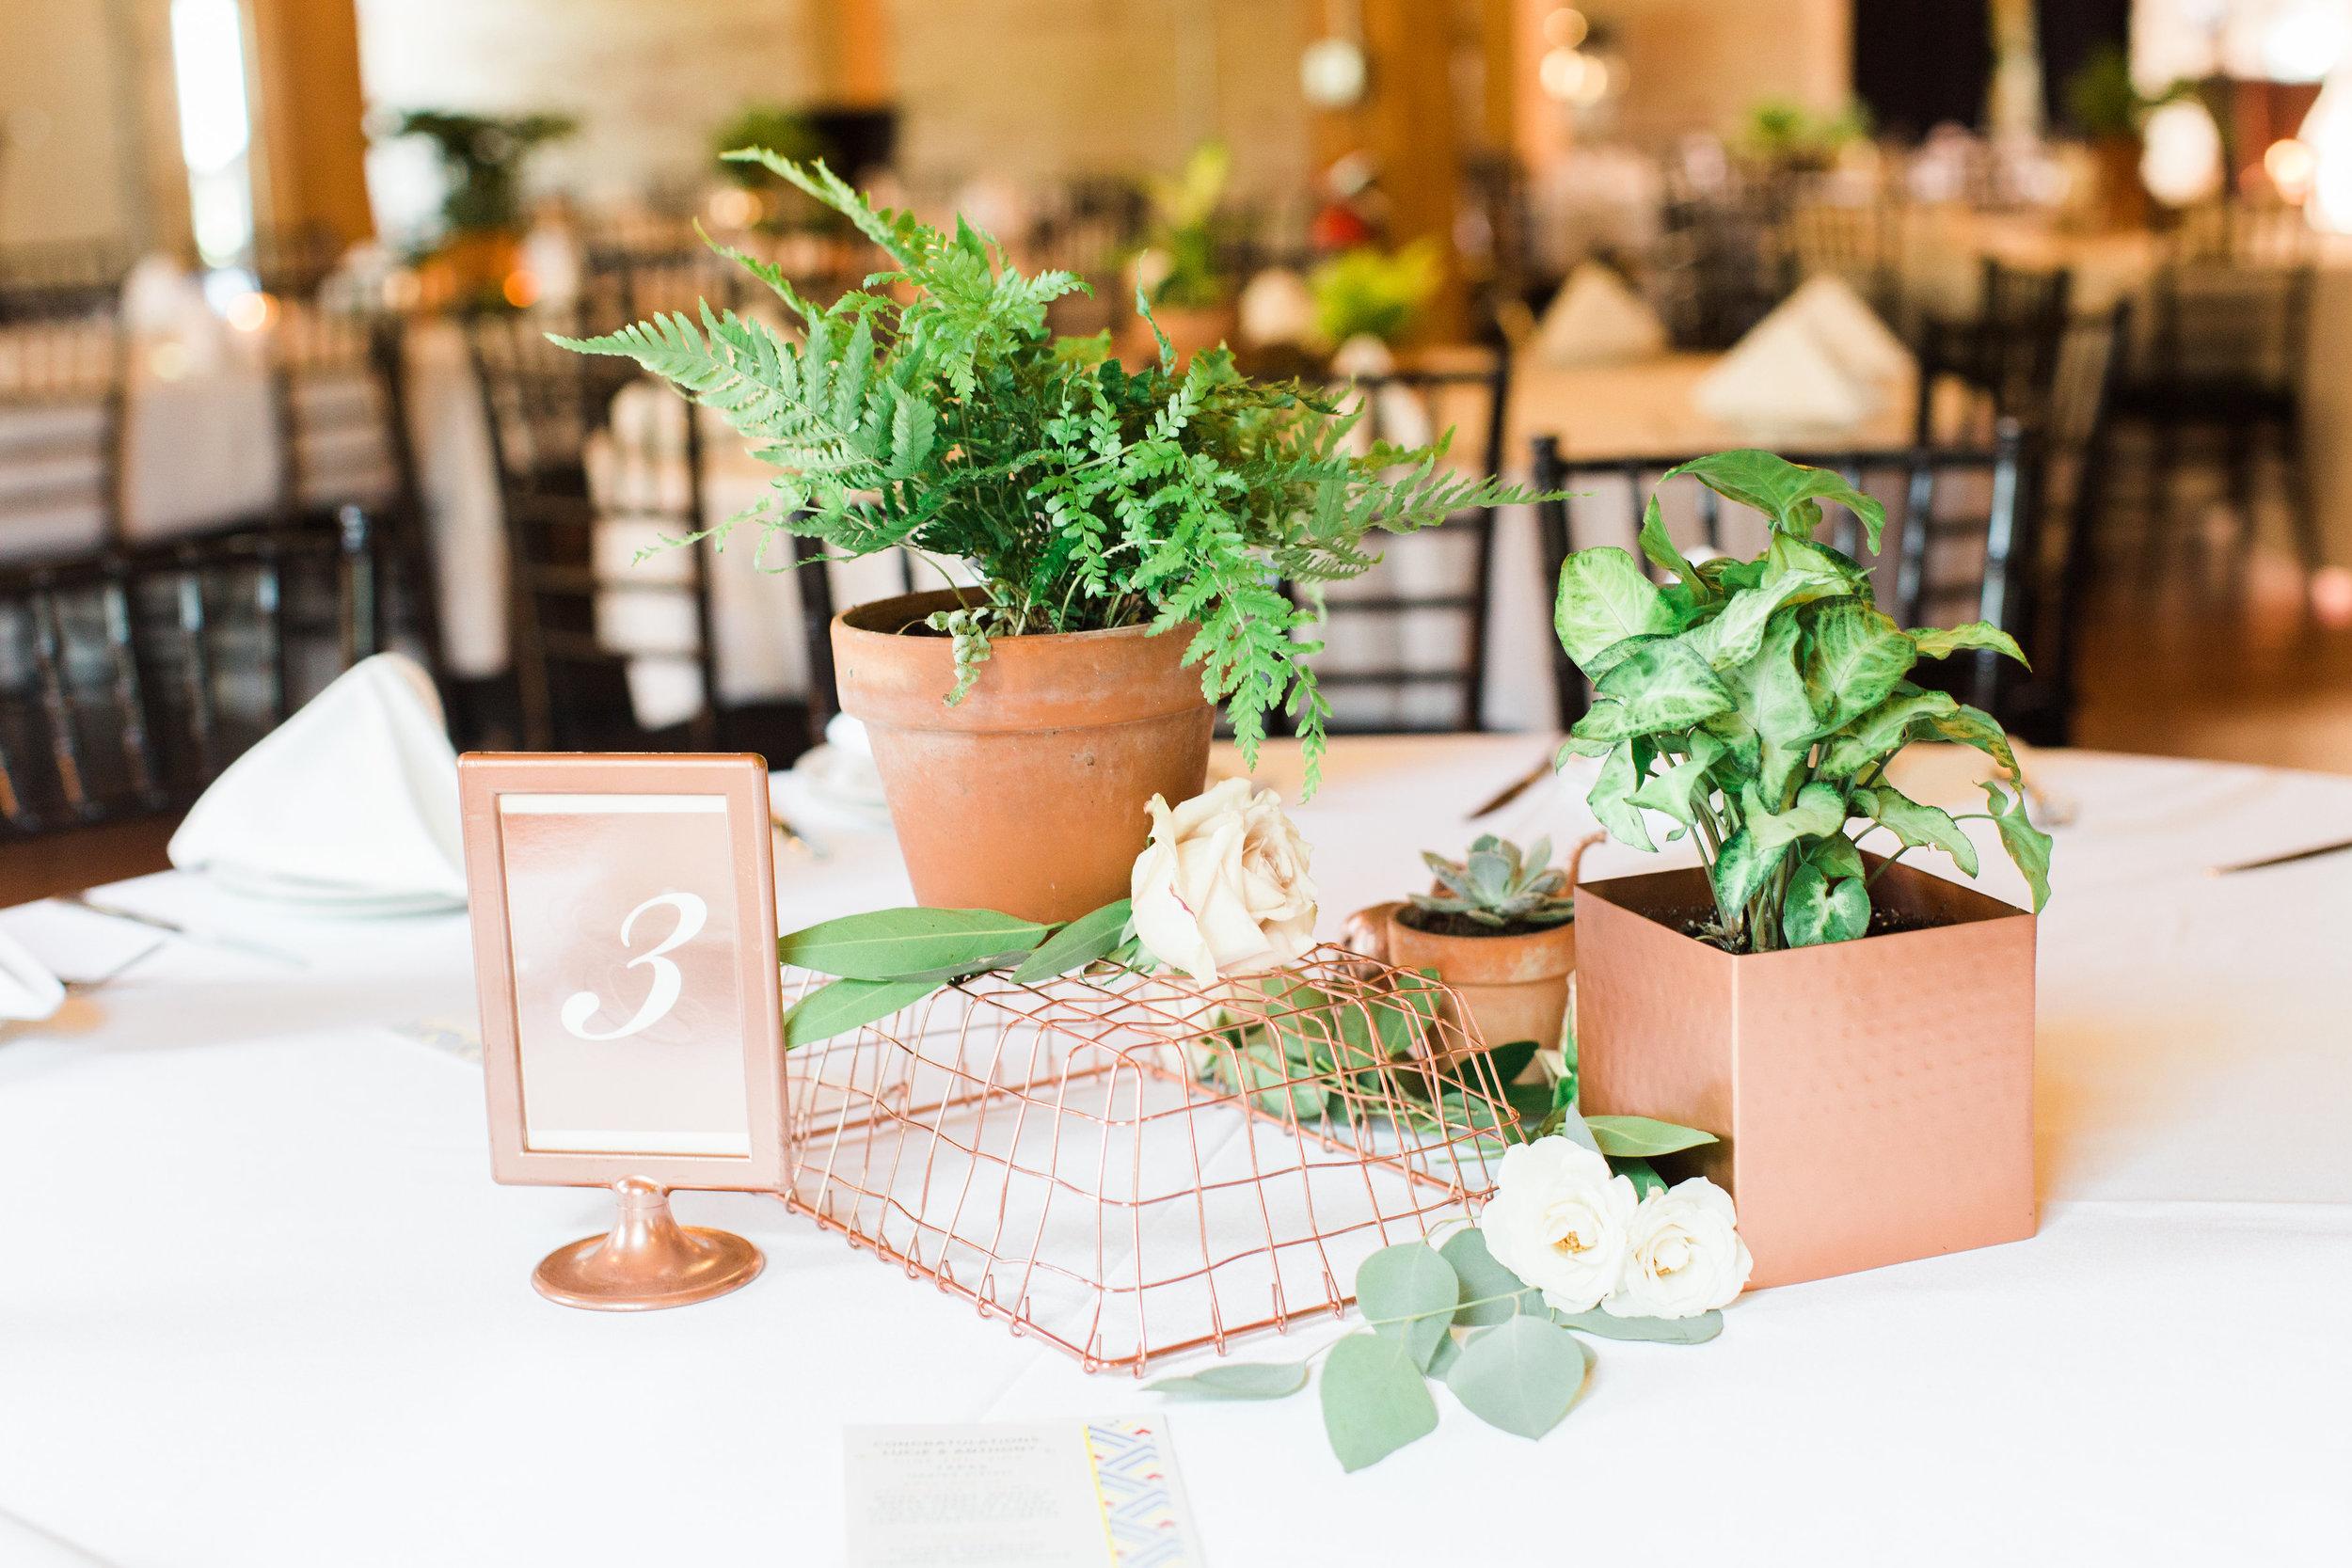 Julius+Wedding+Reception+Details-28.jpg